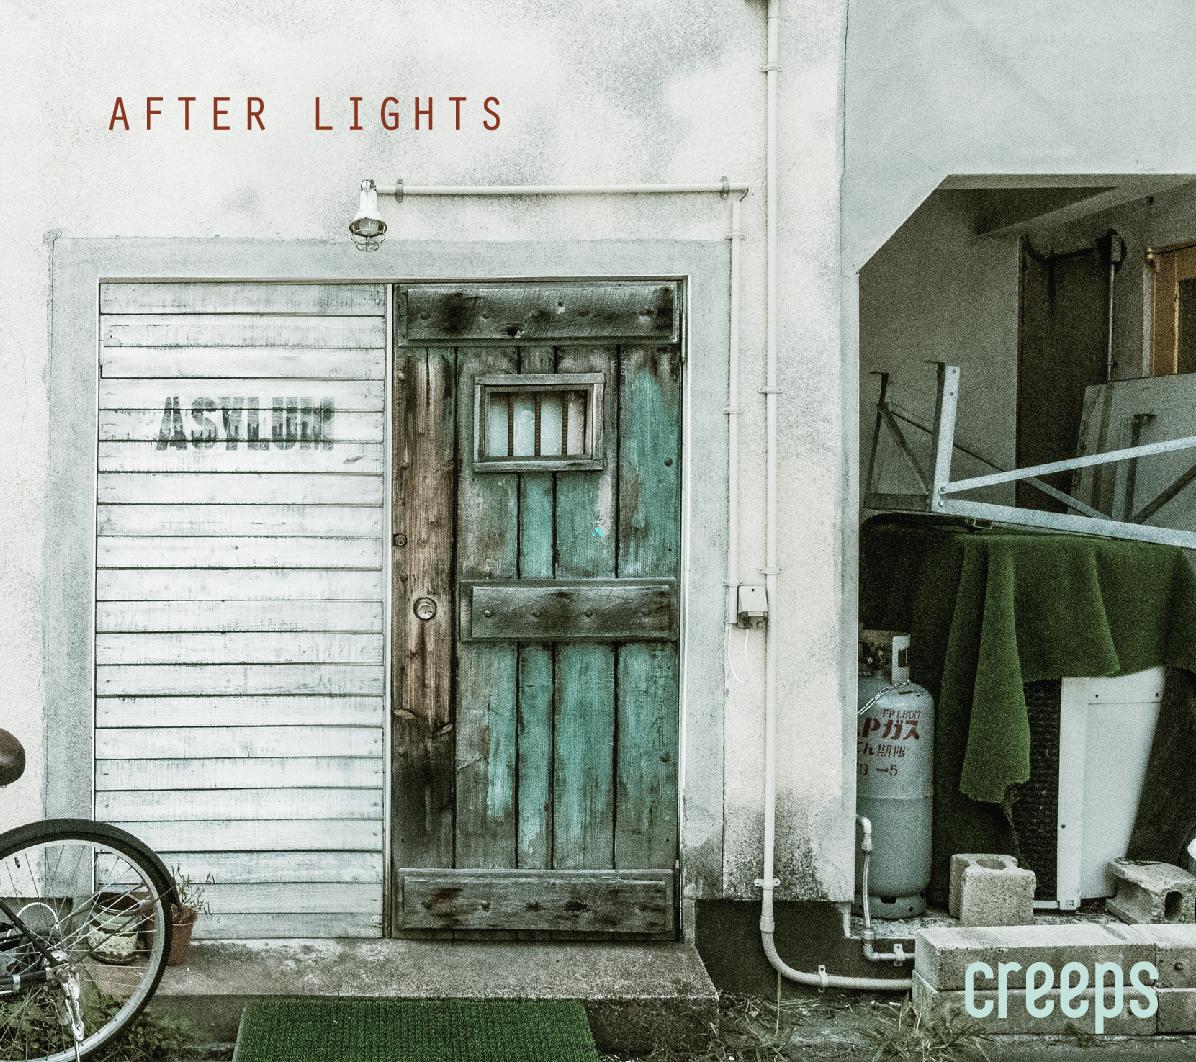 creeps after lights